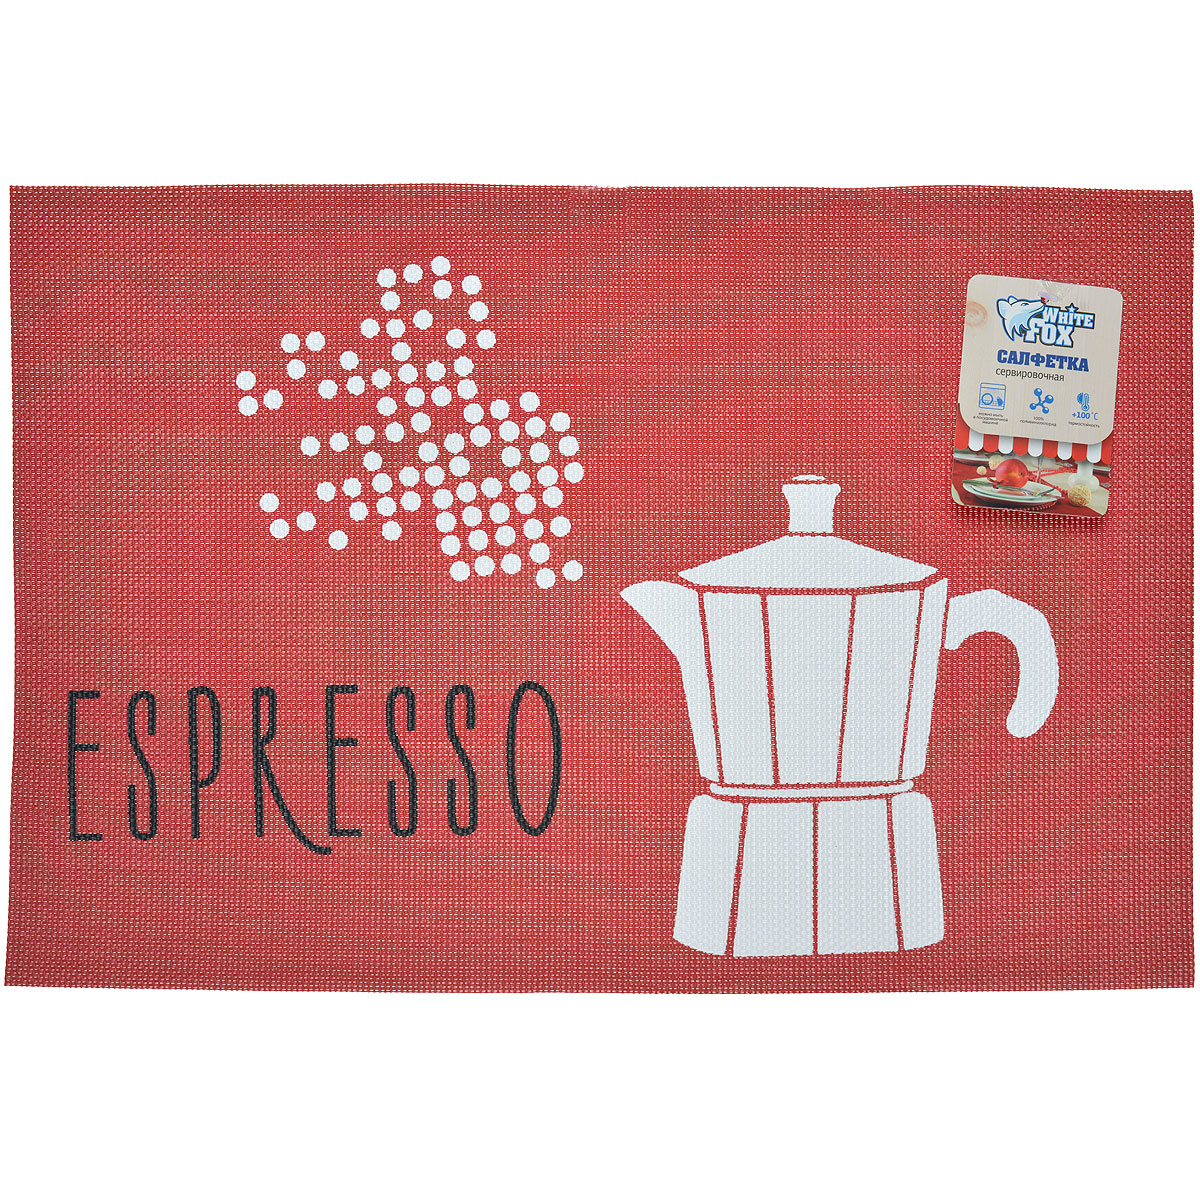 Салфетка сервировочная White Fox Эспрессо, цвет: красный, 30 x 45 см, 4 шт115510Салфетка White Fox Эспрессо, выполненная из ПВХ, предназначена для сервировки стола. Она служит защитой от царапин и различных следов, а также используется в качестве подставки под горячее. Салфетка, оформленная дизайнерским рисунком в виде кофейника и надписи Espresso, дополнит стильную сервировку стола.